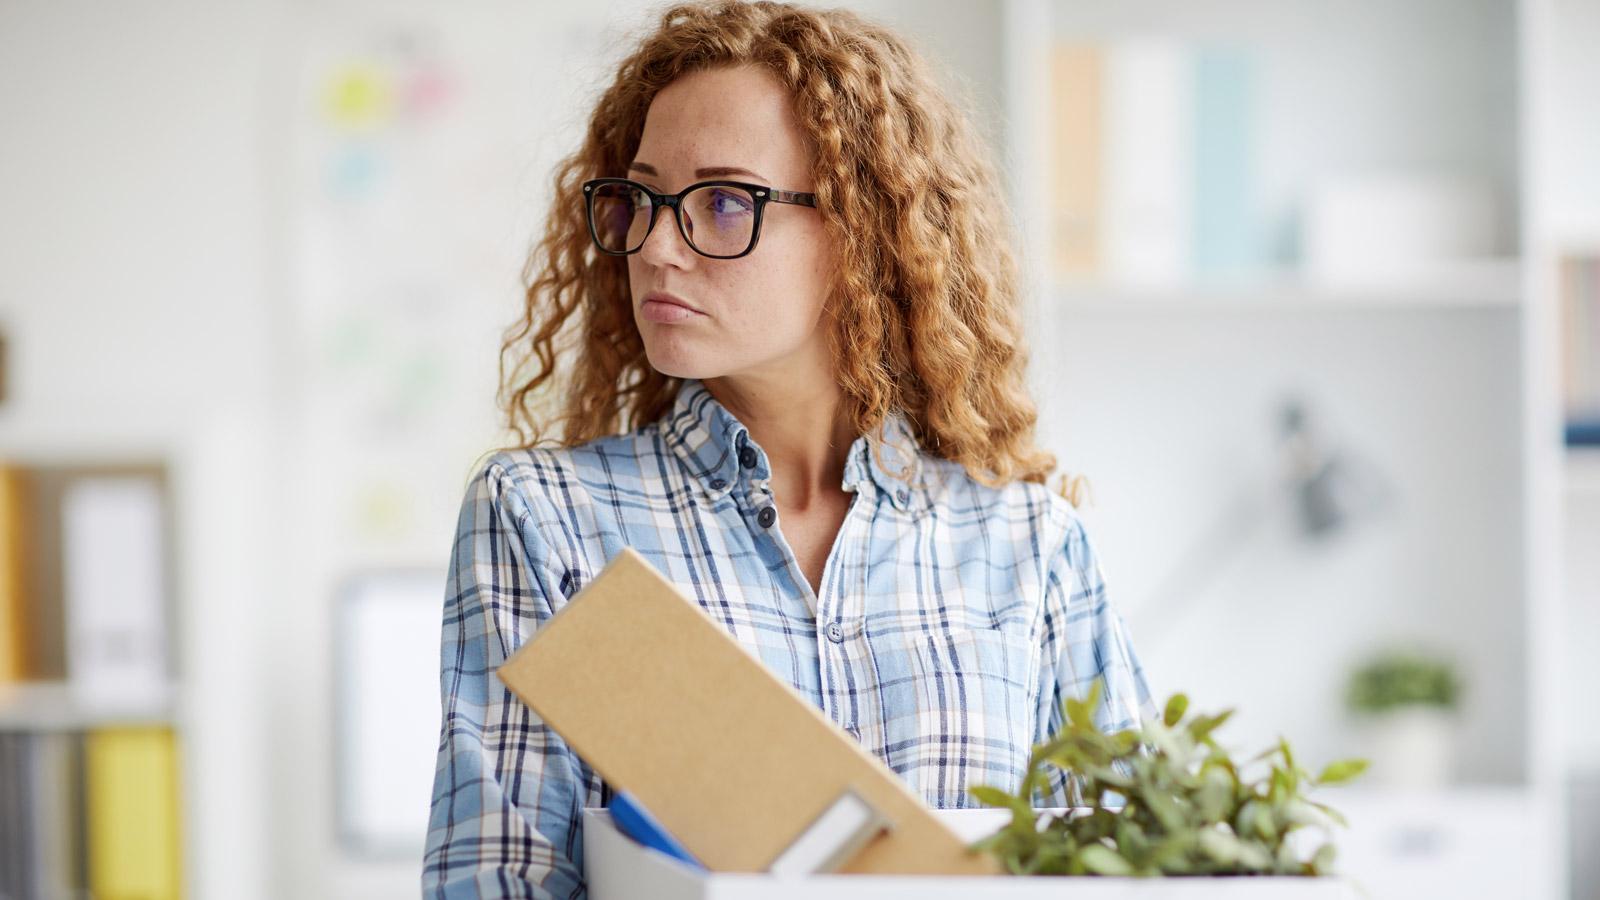 5 porad Jak przetrwać pierwszy dzień w nowej pracy? porady mediarun zwolnienie nowy pracownik 2019